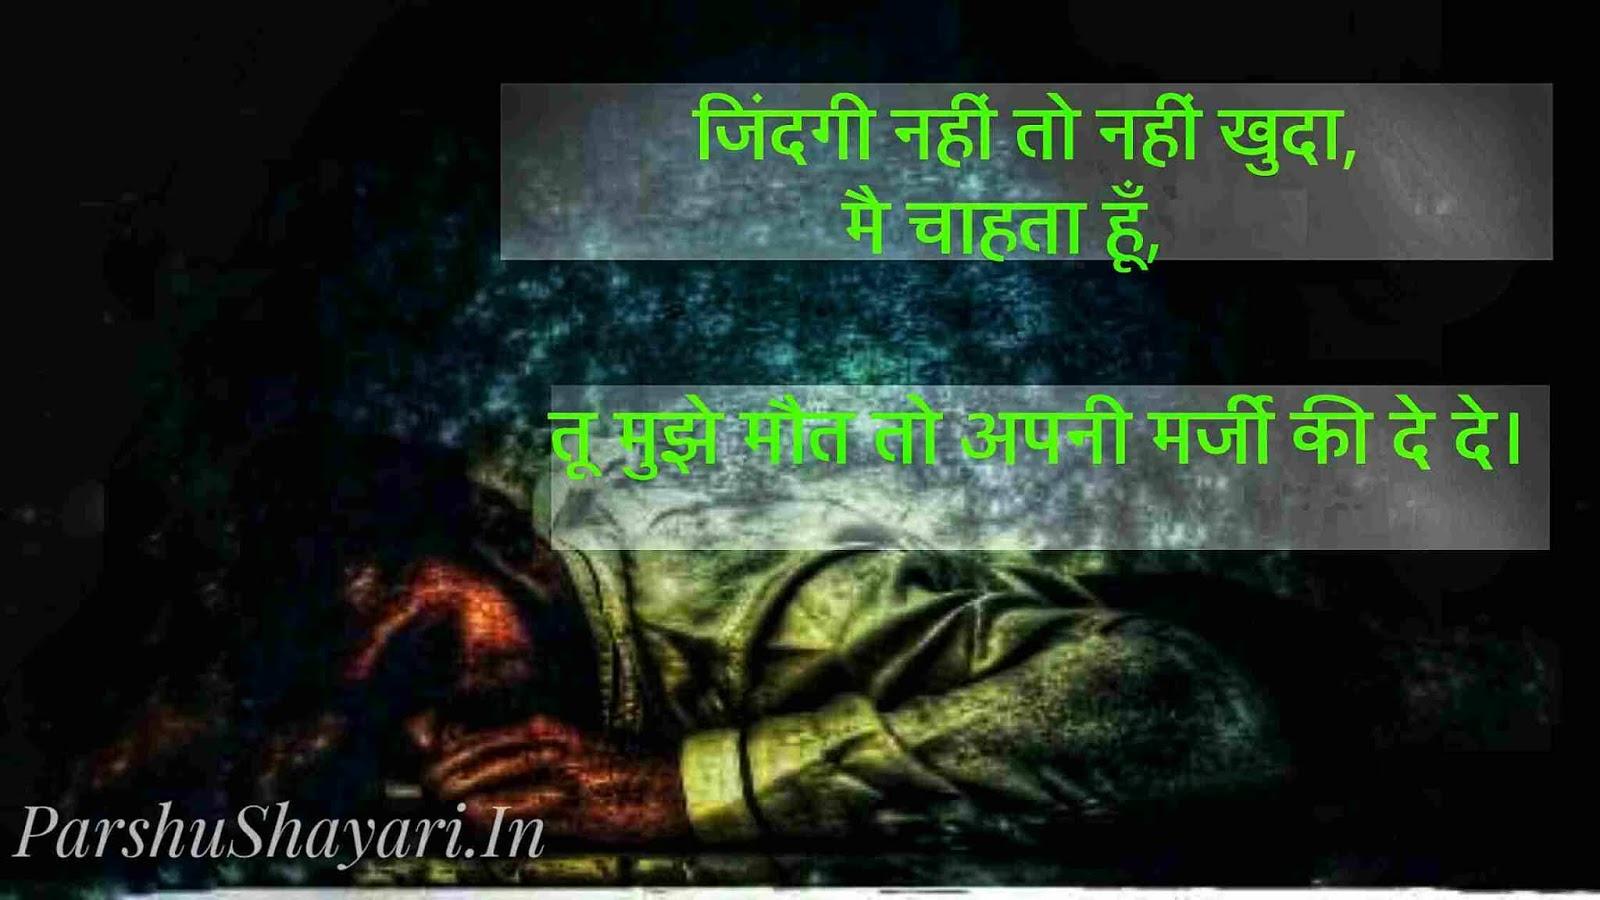 Death Shayari